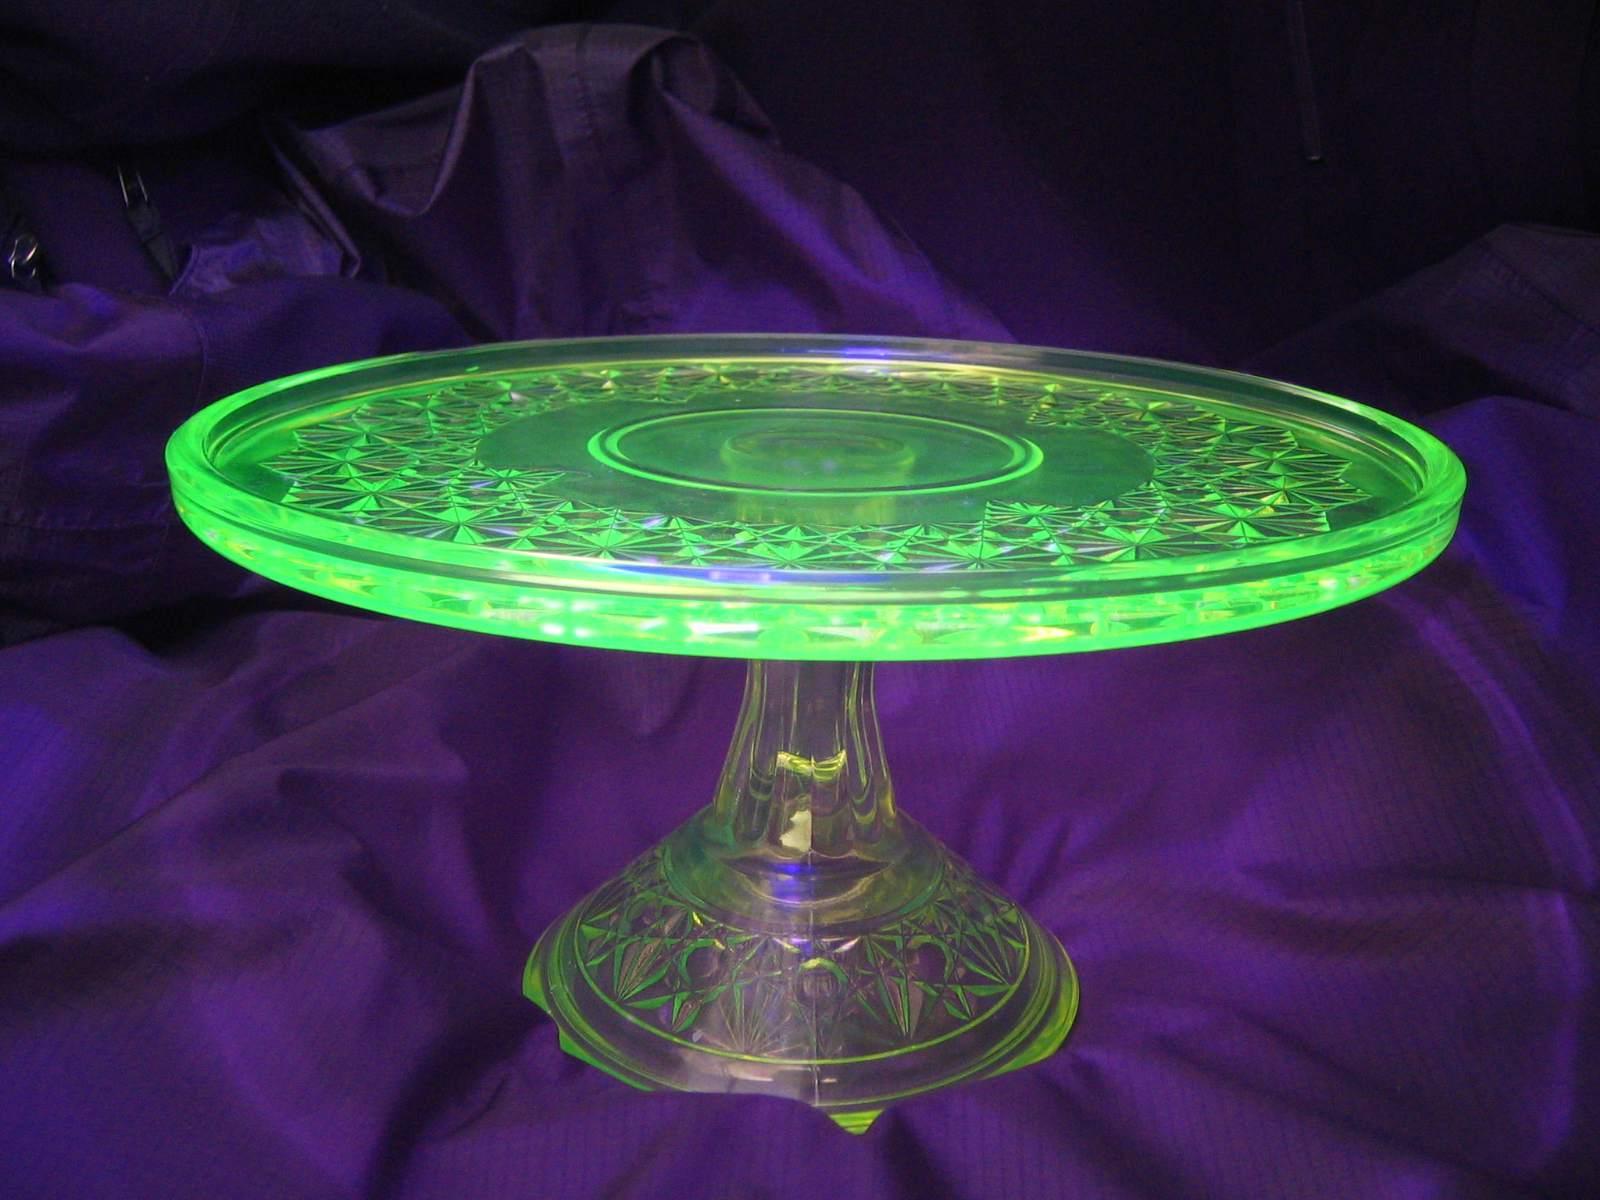 Uranglas fluoresziert hell unter schwarzem oder ultraviolettem Licht.